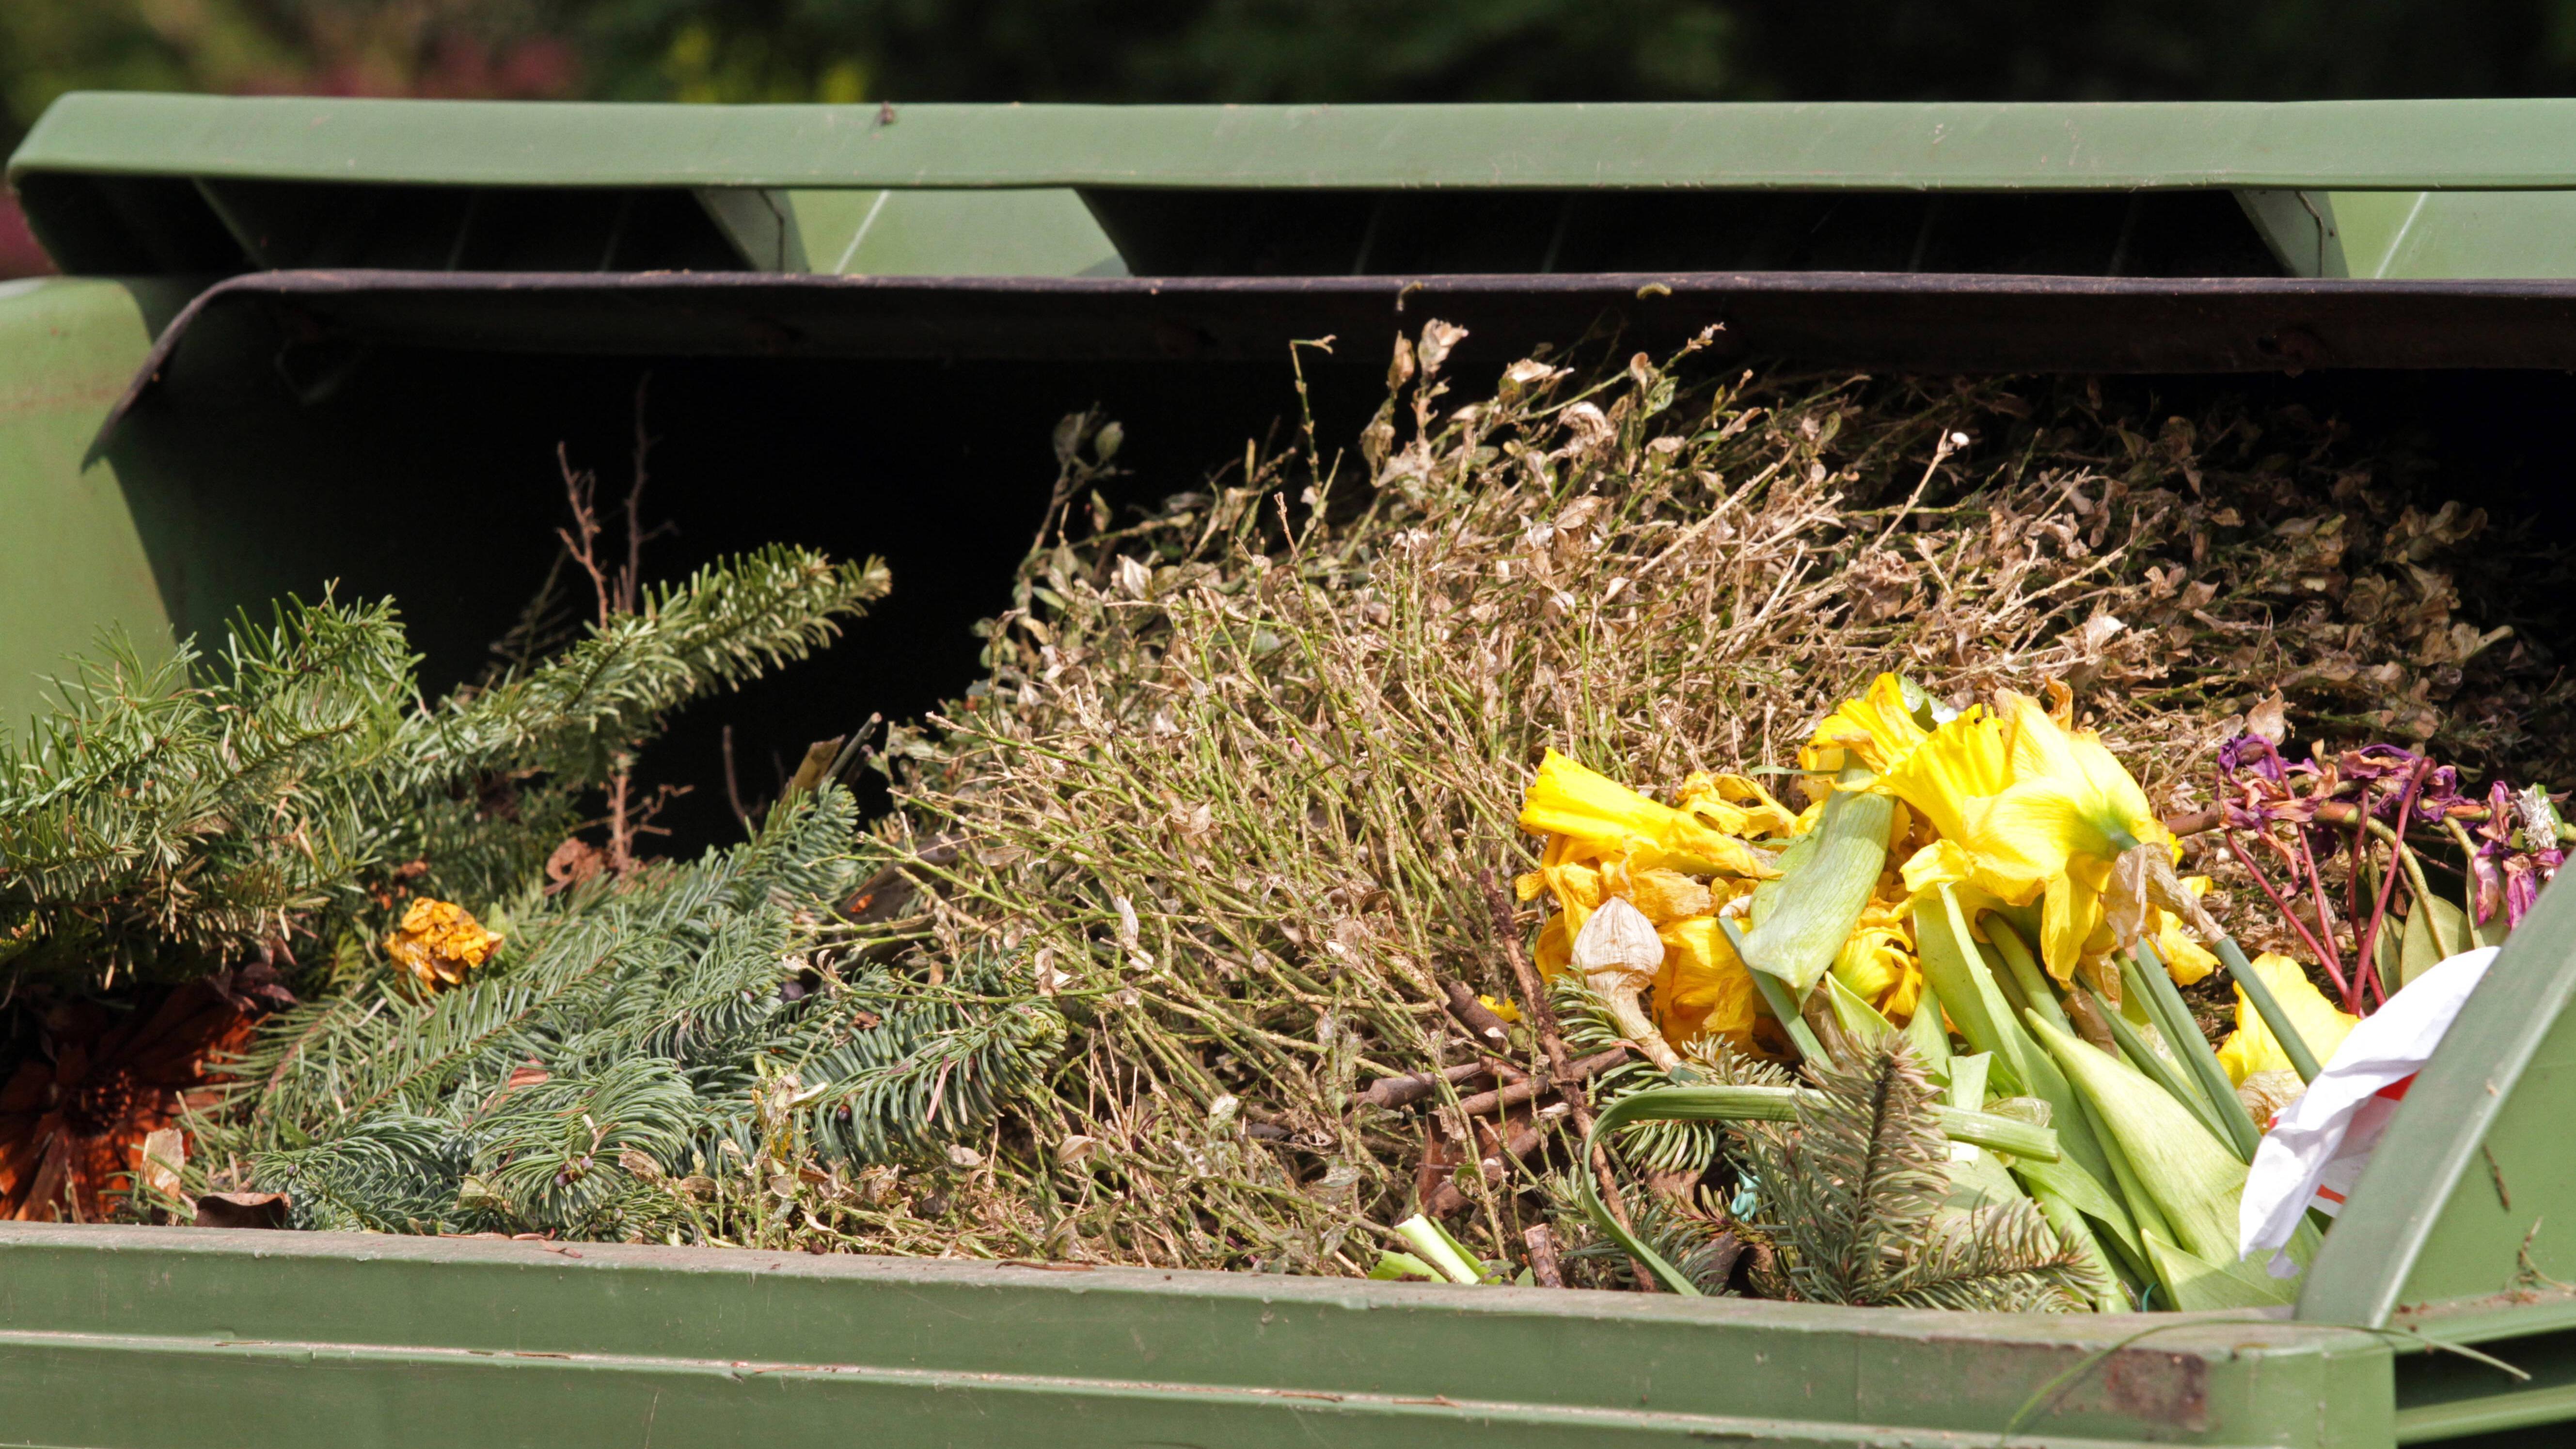 Grasnarbe lässt sich auch problemlos über den Bio-Abfallcontainer entsorgen.